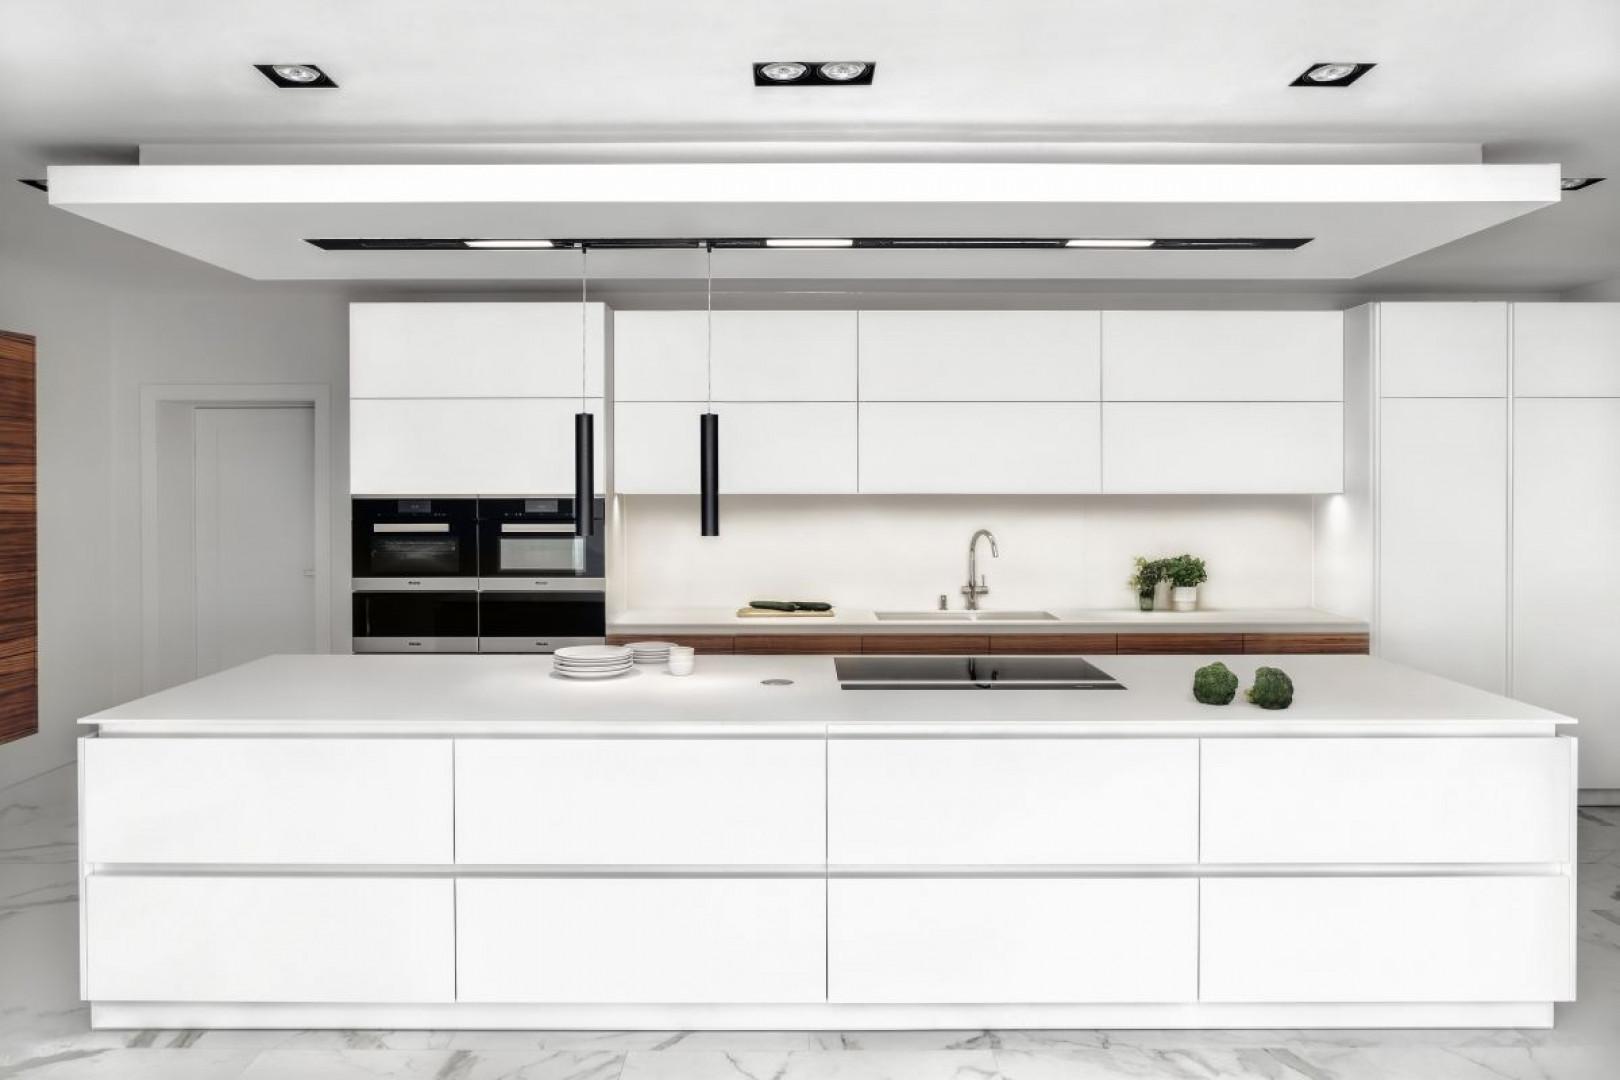 Prezentowaną kuchnię wyróżnia czysta, minimalistyczna forma, której wyróżnikami są wyważone proporcje i rytm geometrycznych podziałów. Fot. Zajc